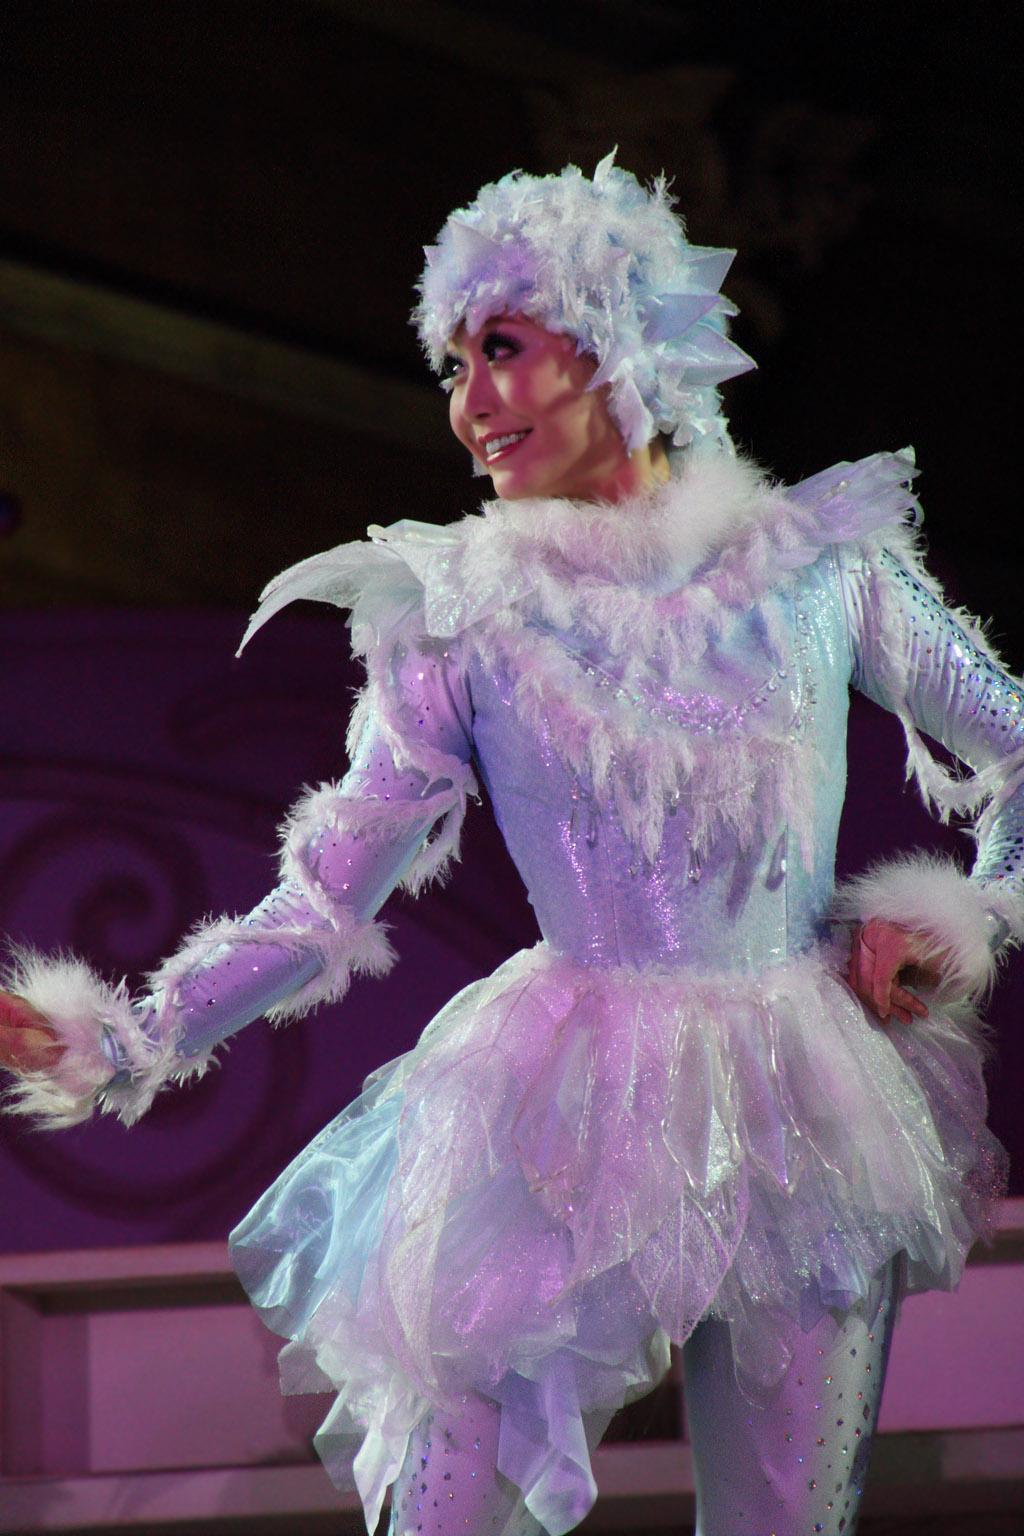 クリスマス・ウィッシュのダンサーさん